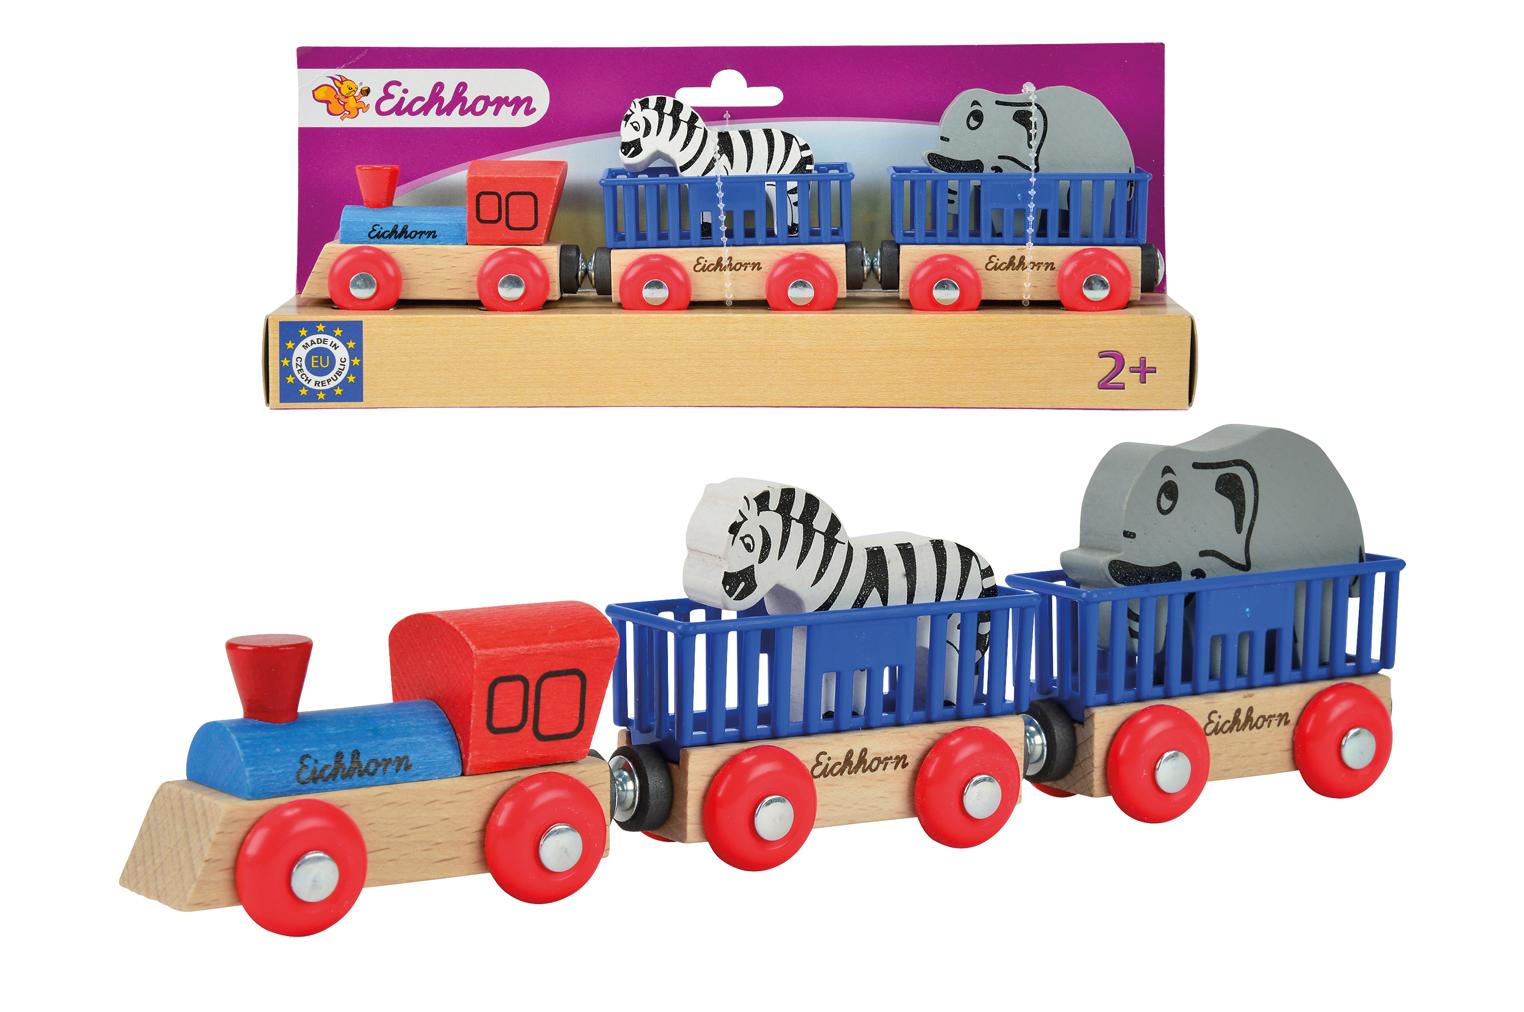 Игровой набор  Поезд с 2 вагонами и животными - Железная дорога для малышей, артикул: 113258